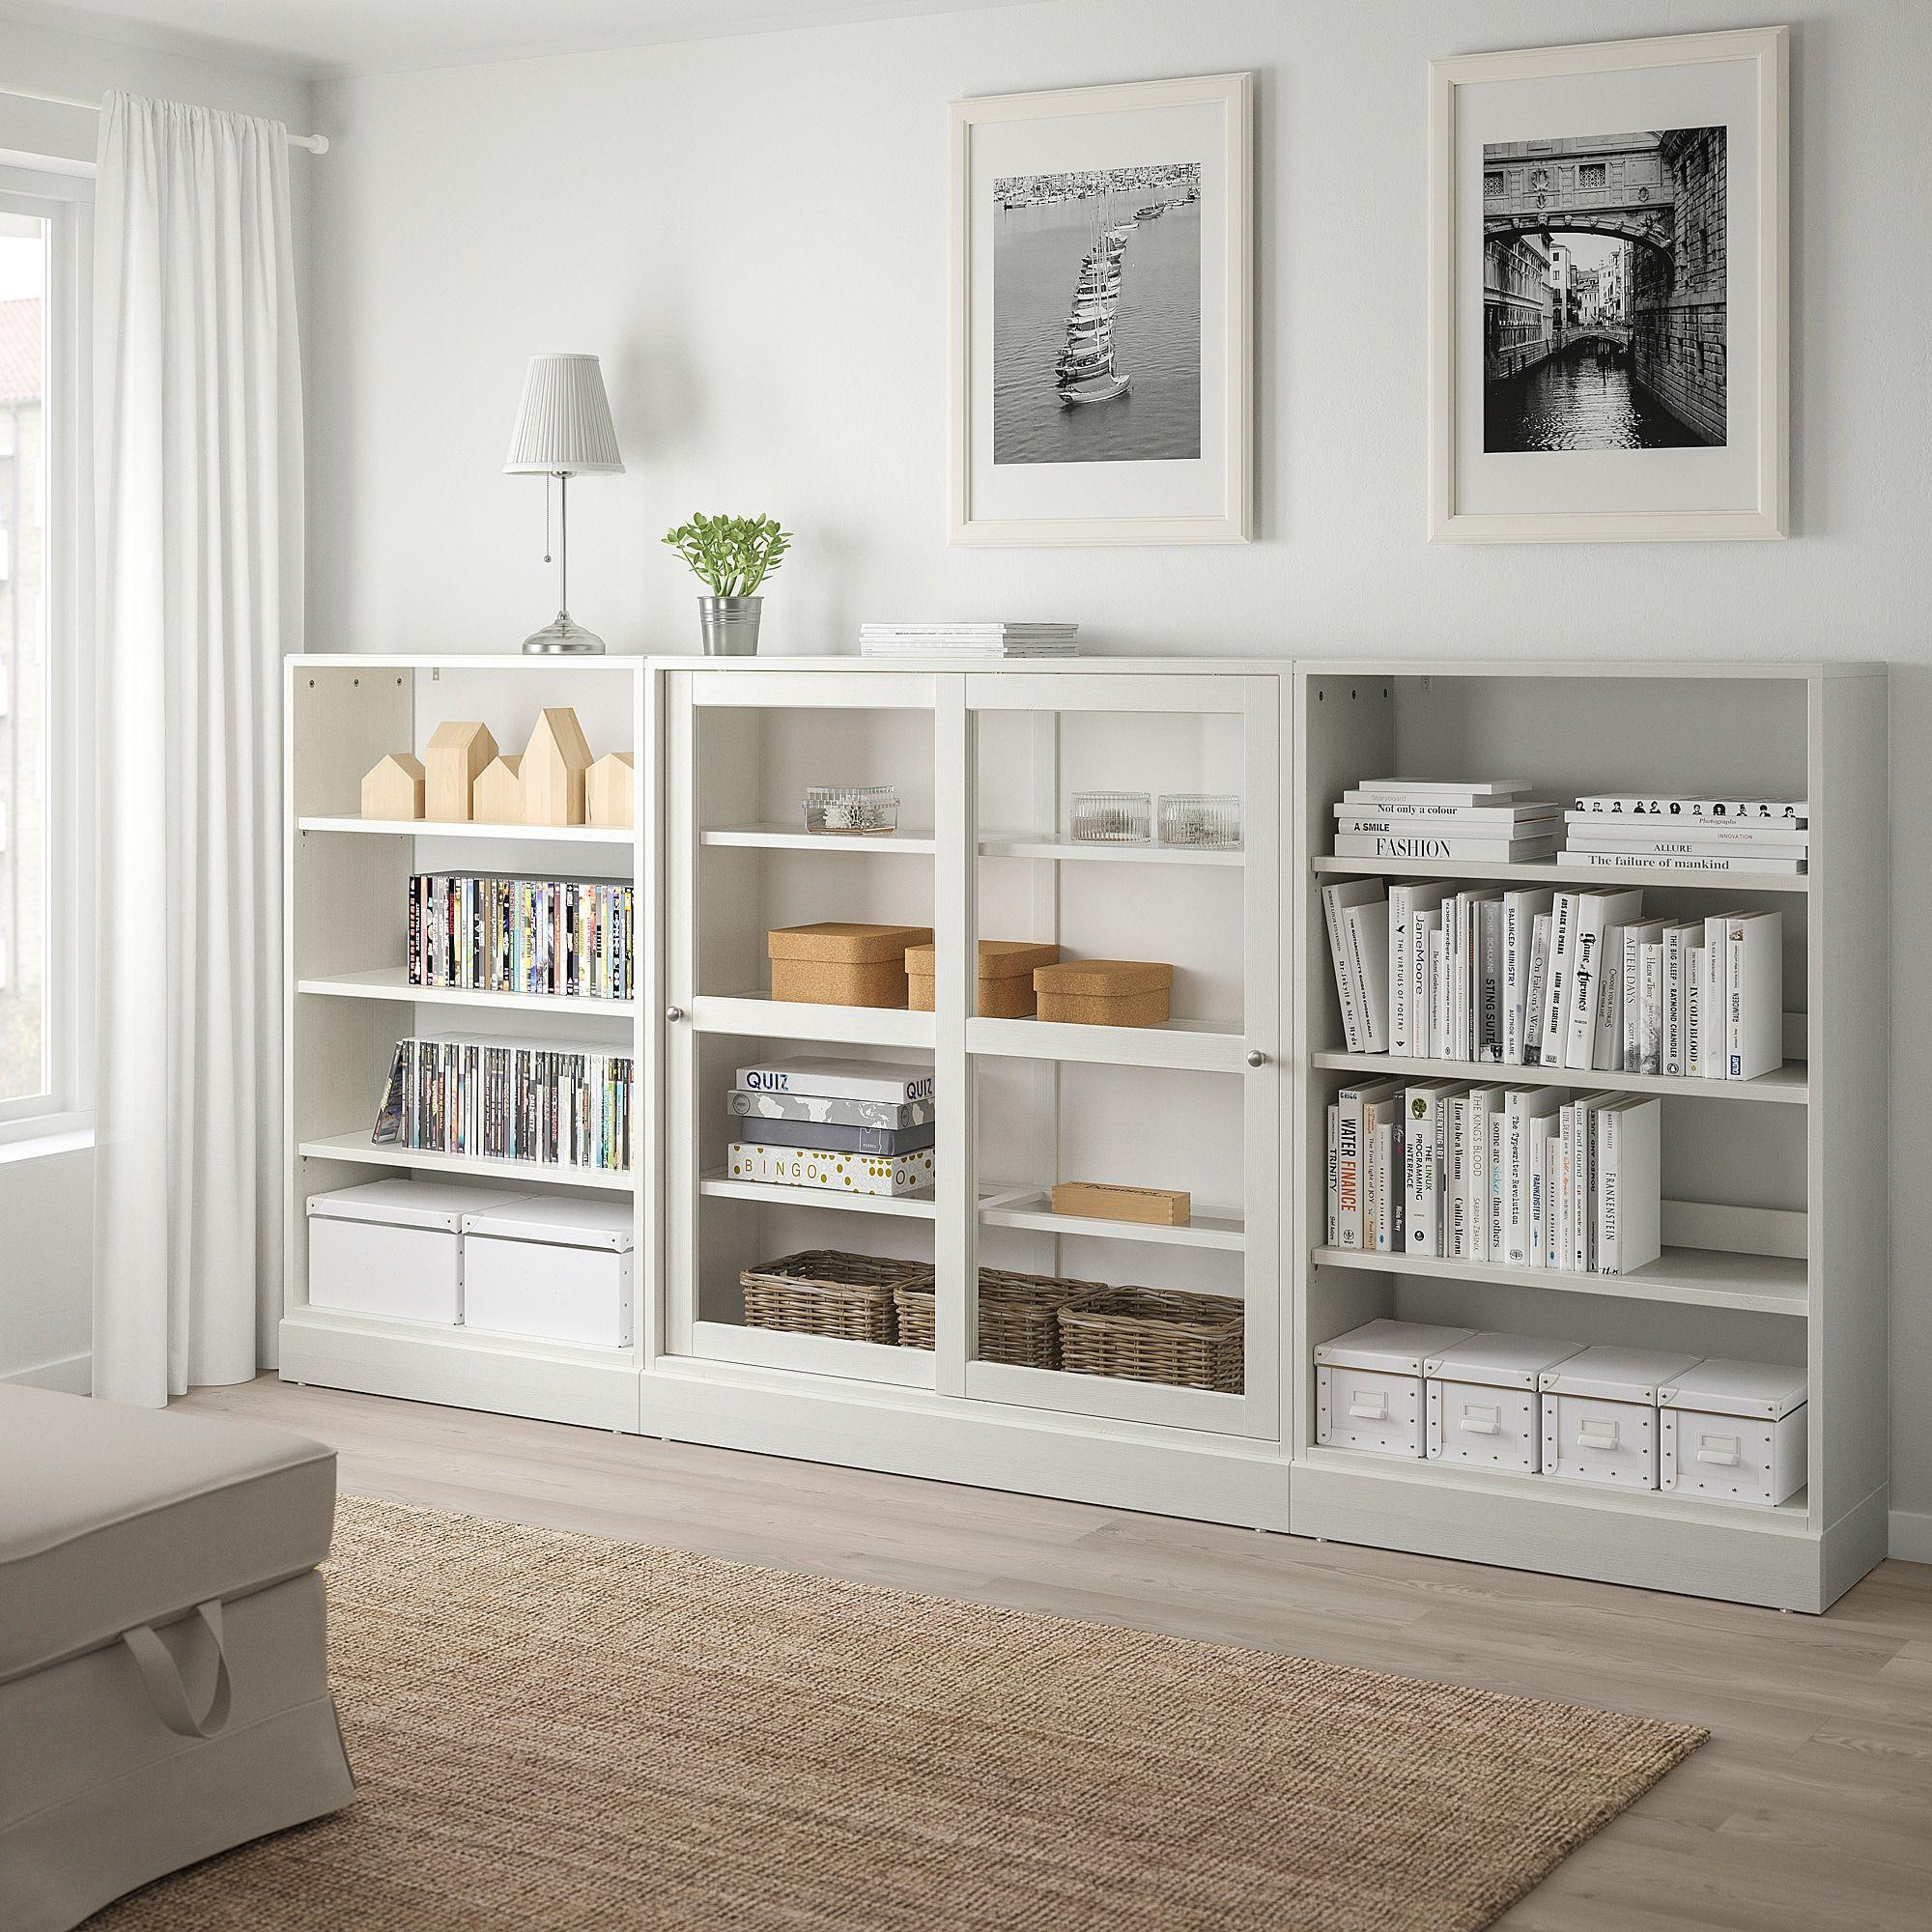 HAVSTA Aufbewahrung mit Glasschiebetüren - weiß - IKEA Österreich